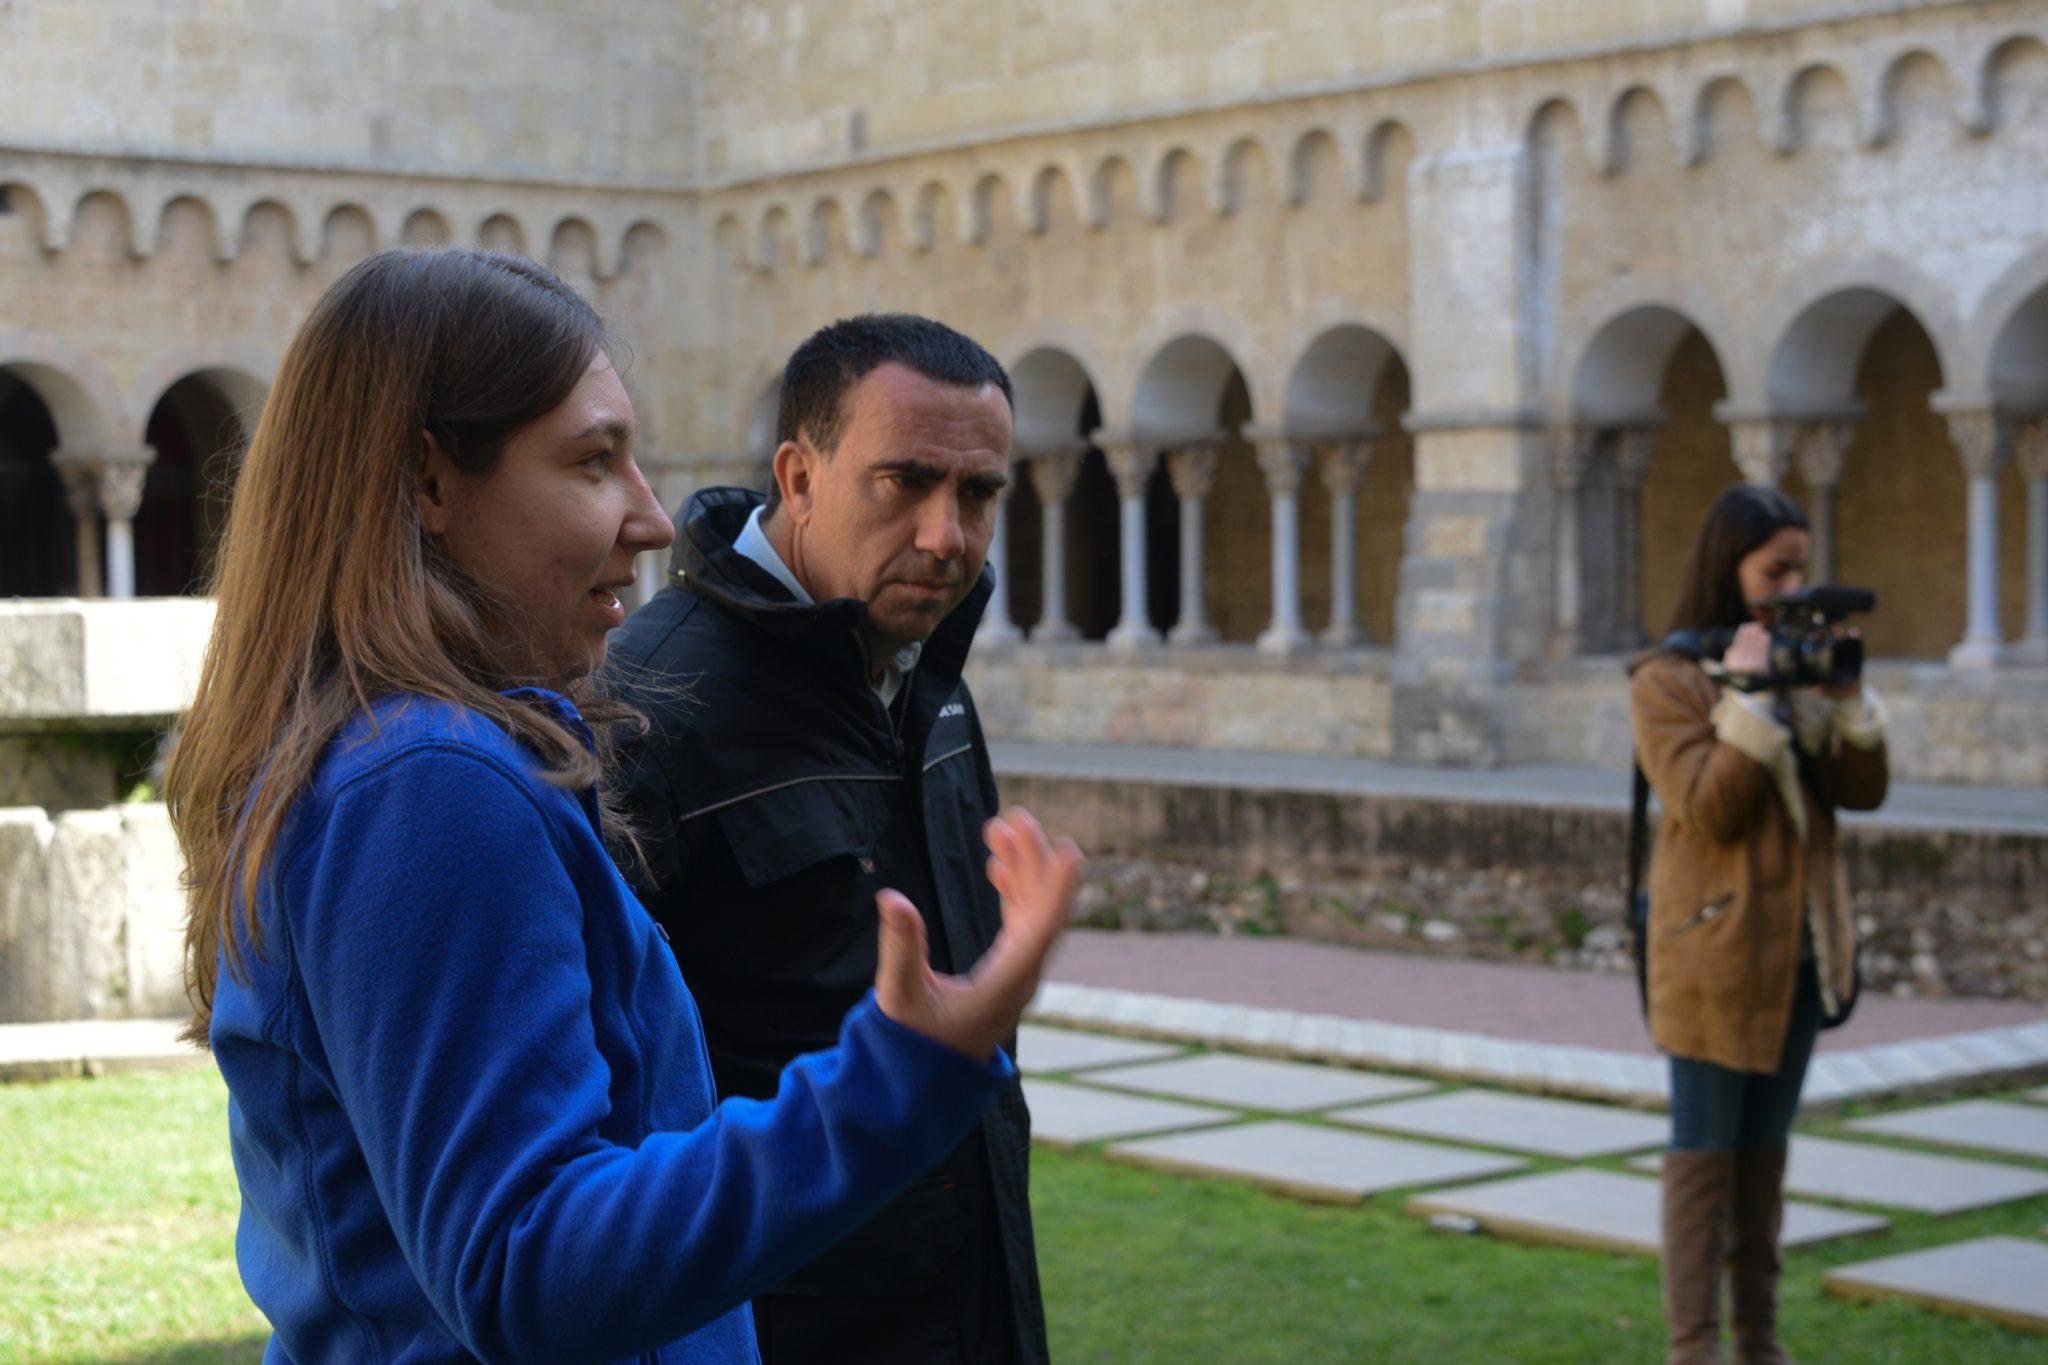 Visites guiades monestir de sant cugat Carla i el Edu. Insercio laboral fundació friends